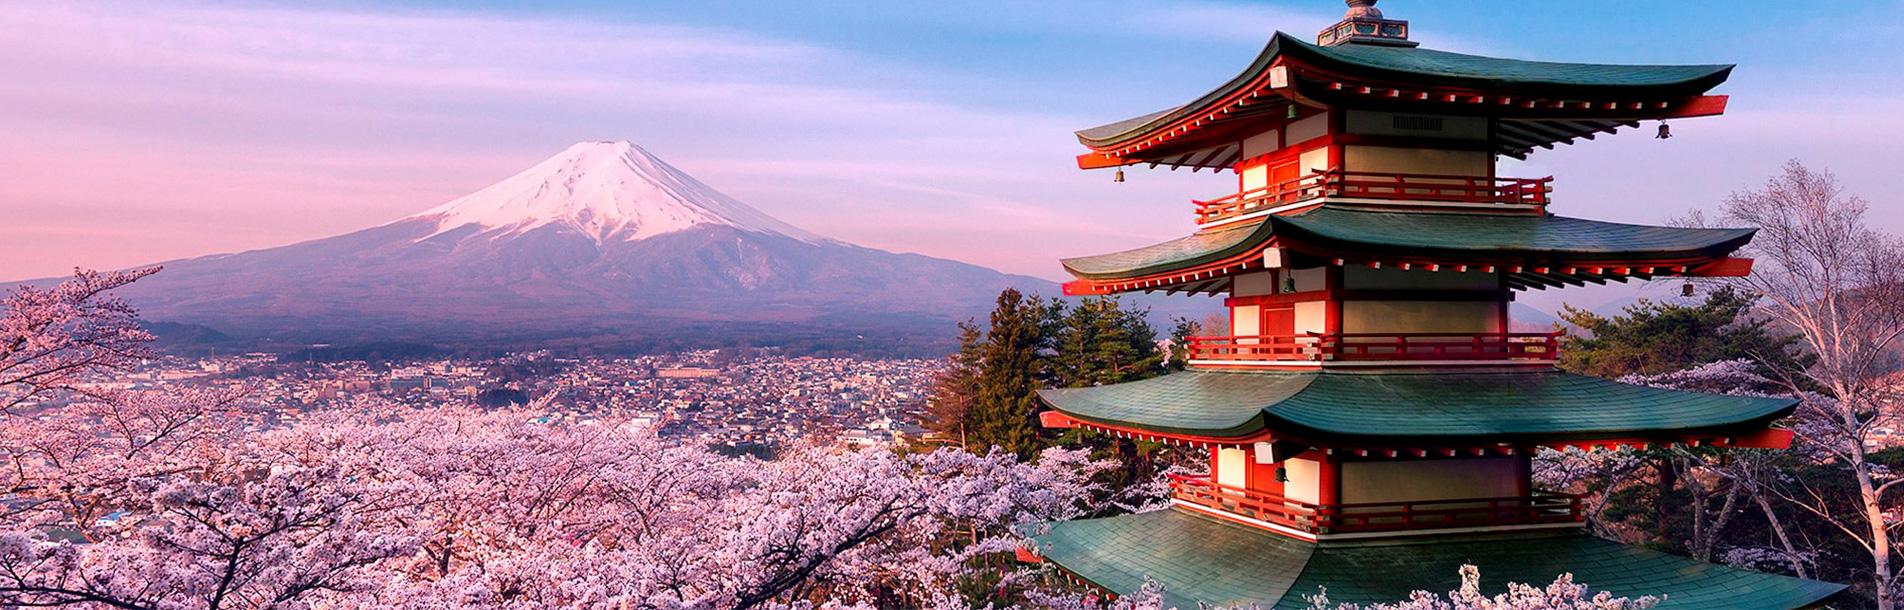 Xứ sở hoa anh đào - Nhật Bản